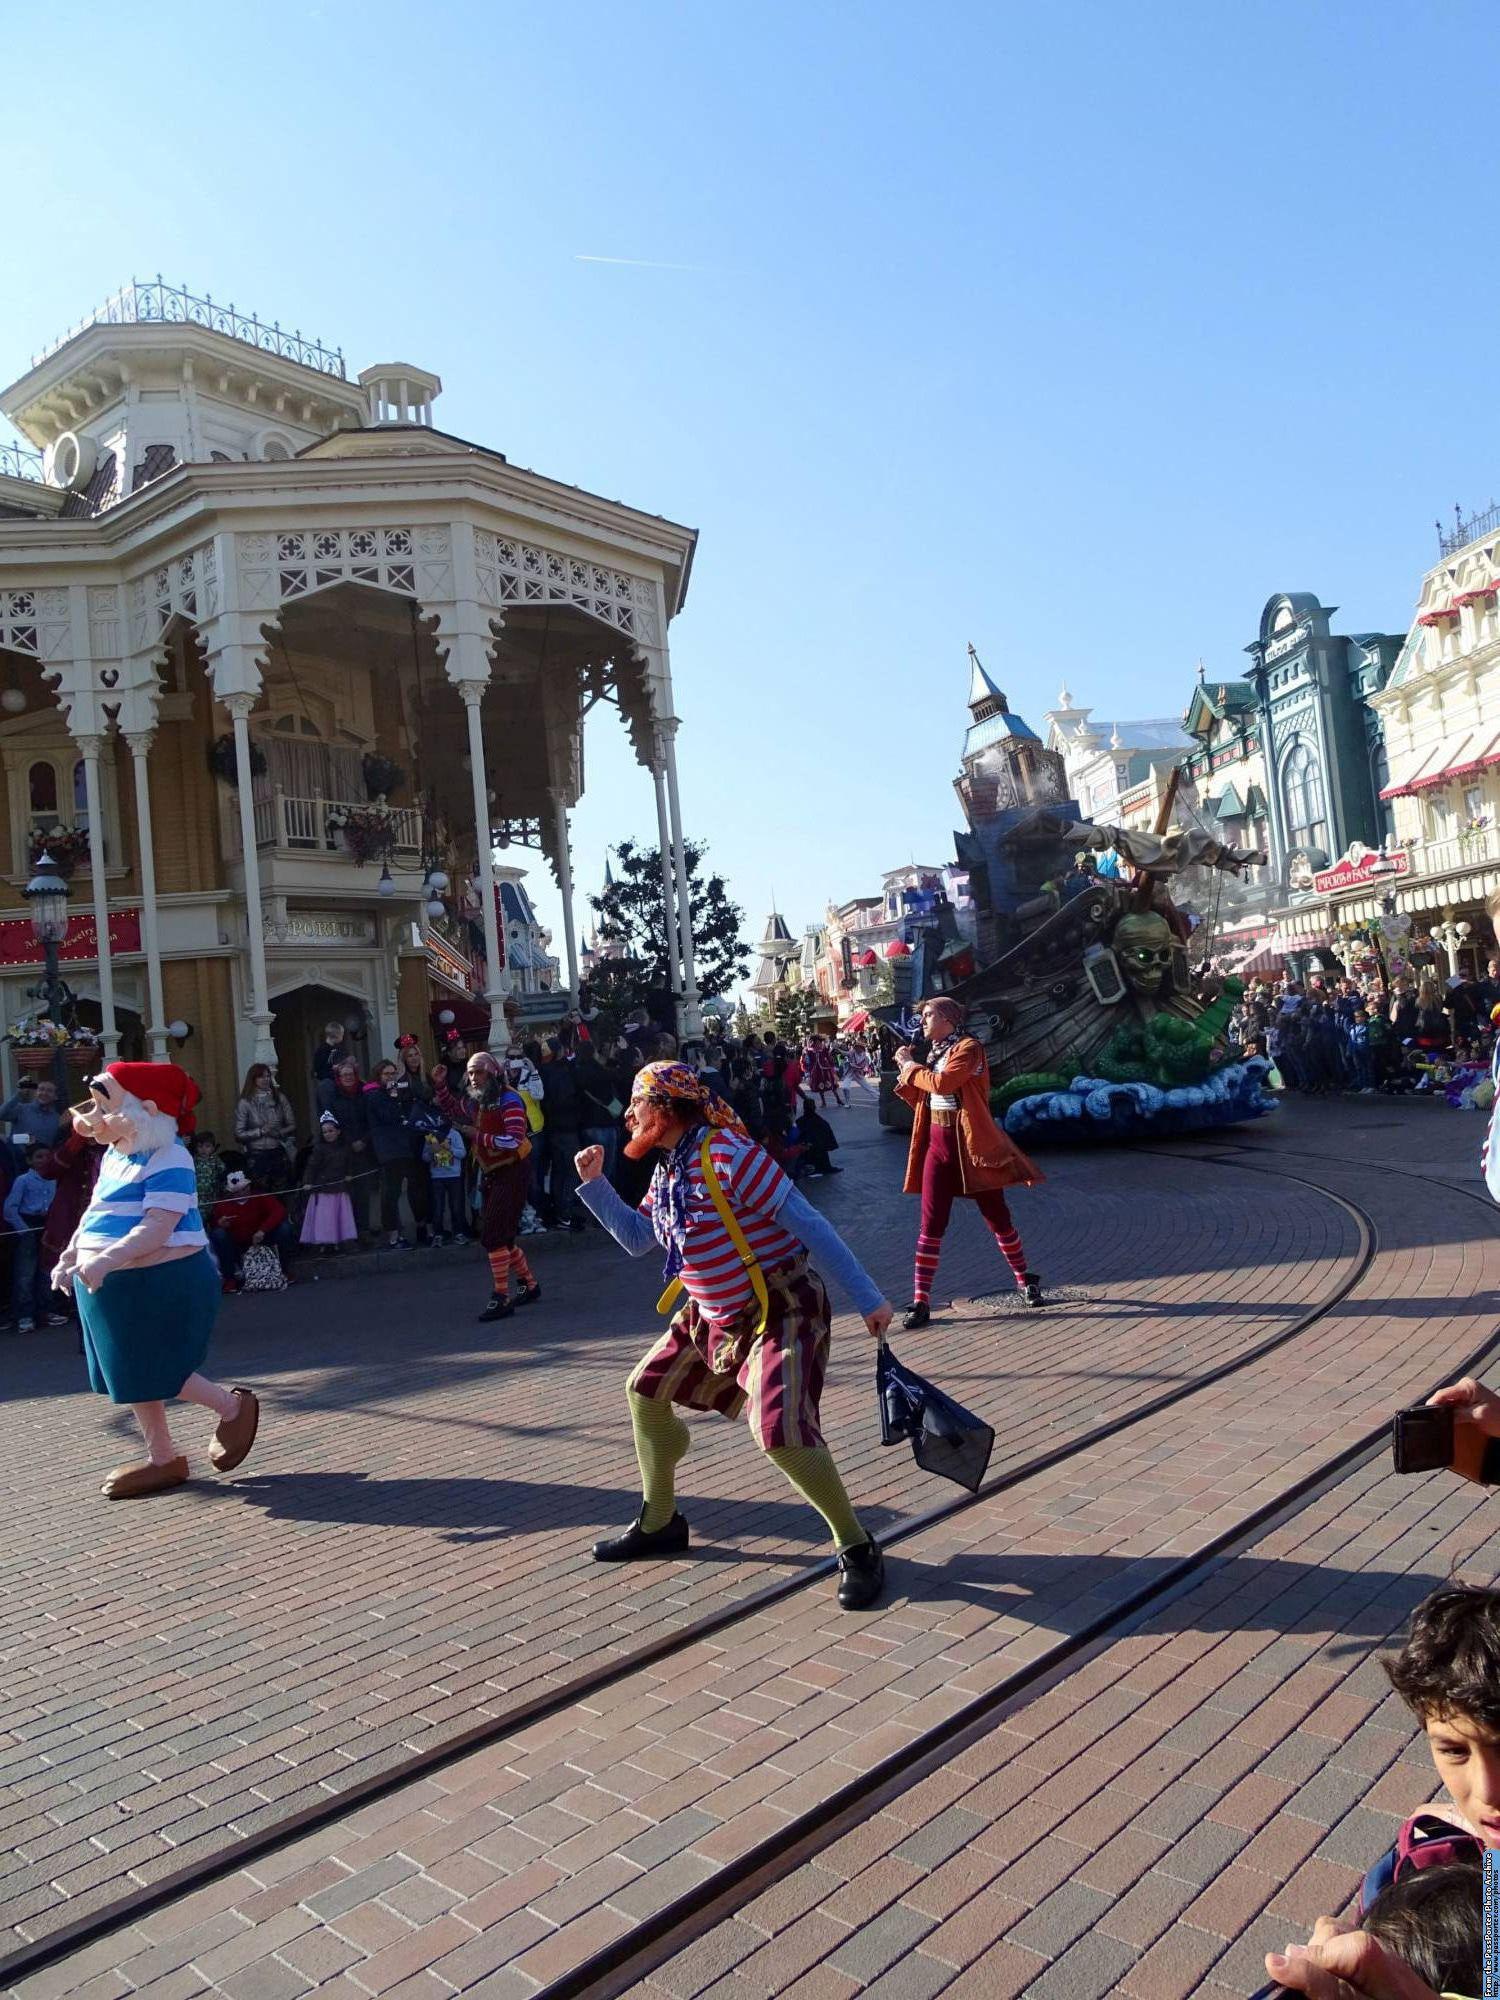 Proper parade etiquette tips for Disney parks | PassPorter.com